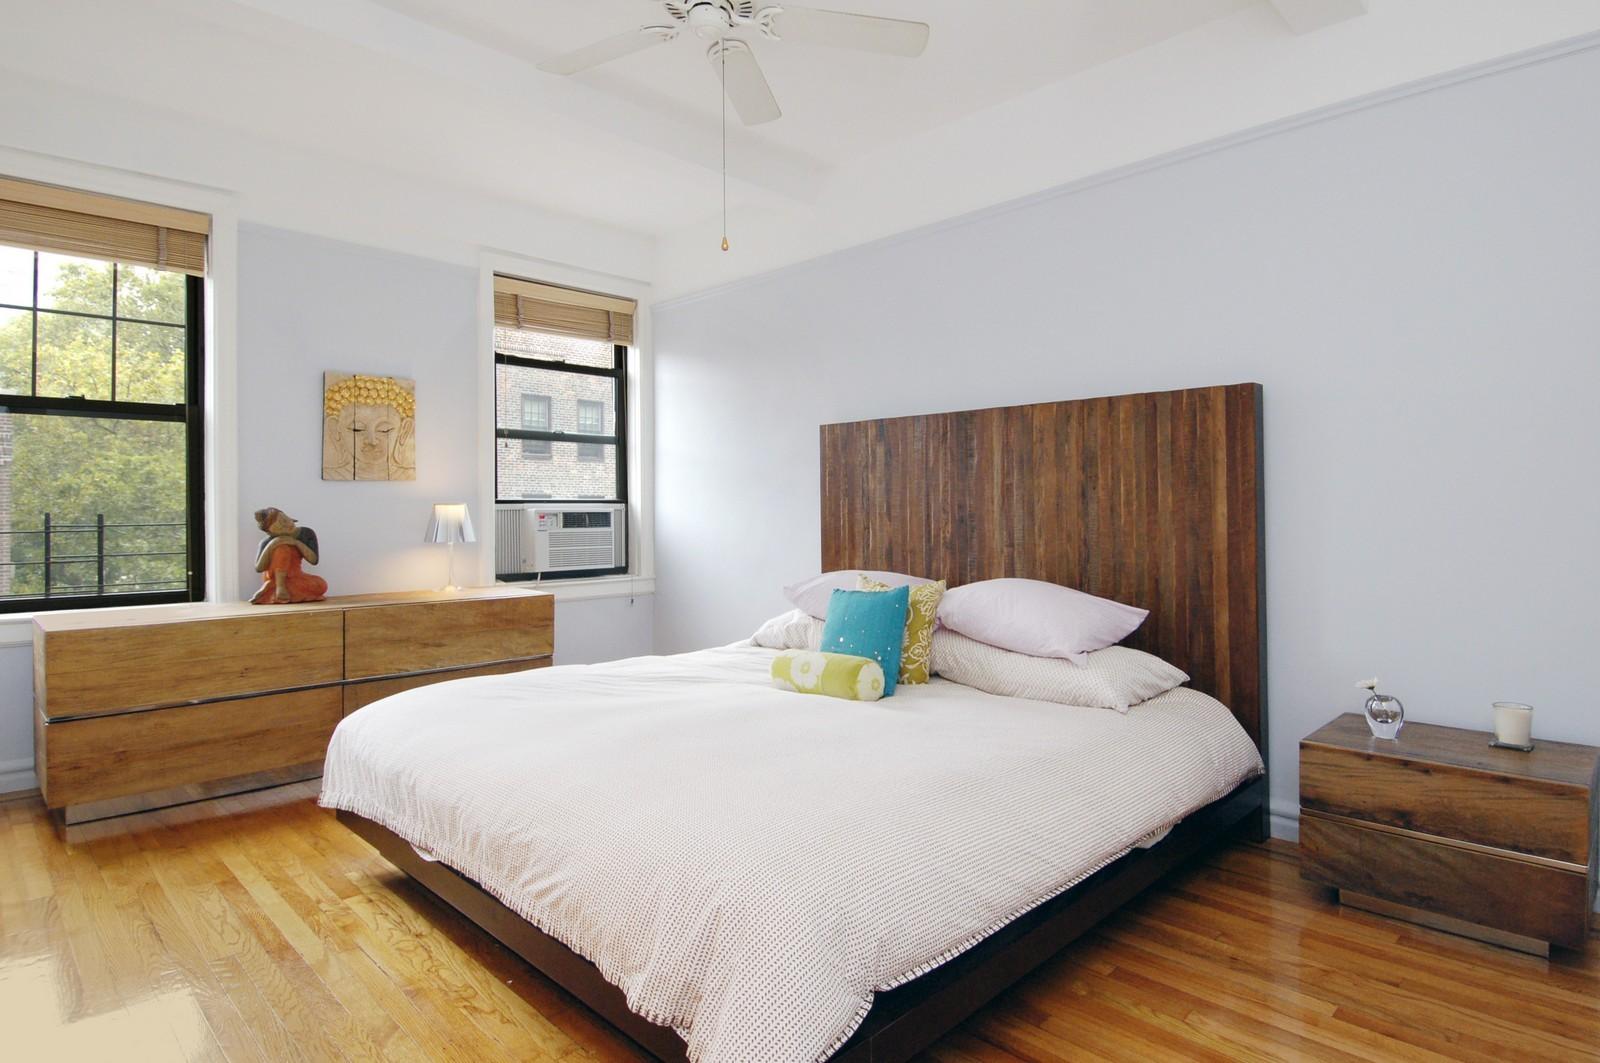 Real Estate Photography - 141 E 3, Apt 4G, New York, NY, 10009 - Bedroom